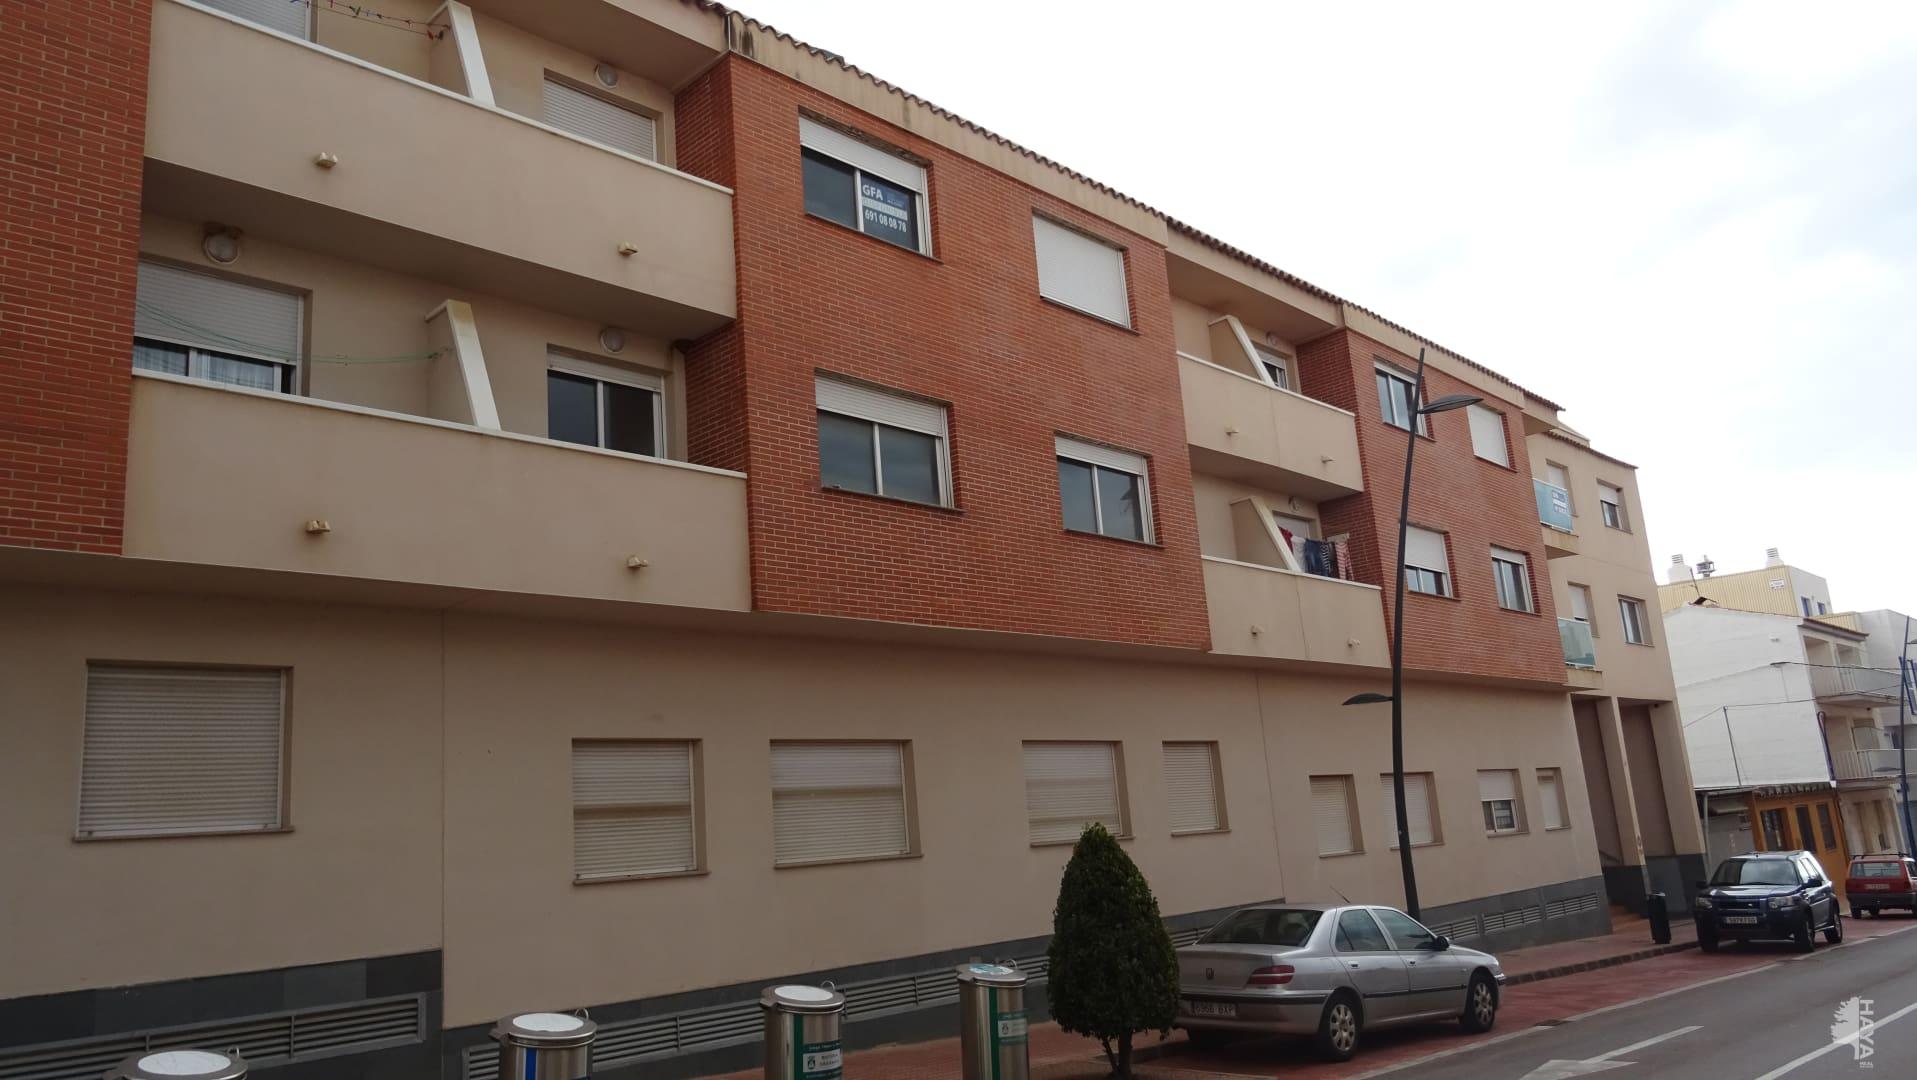 Piso en venta en Torreblanca, Castellón, Calle Colon, 55.000 €, 2 habitaciones, 1 baño, 84 m2